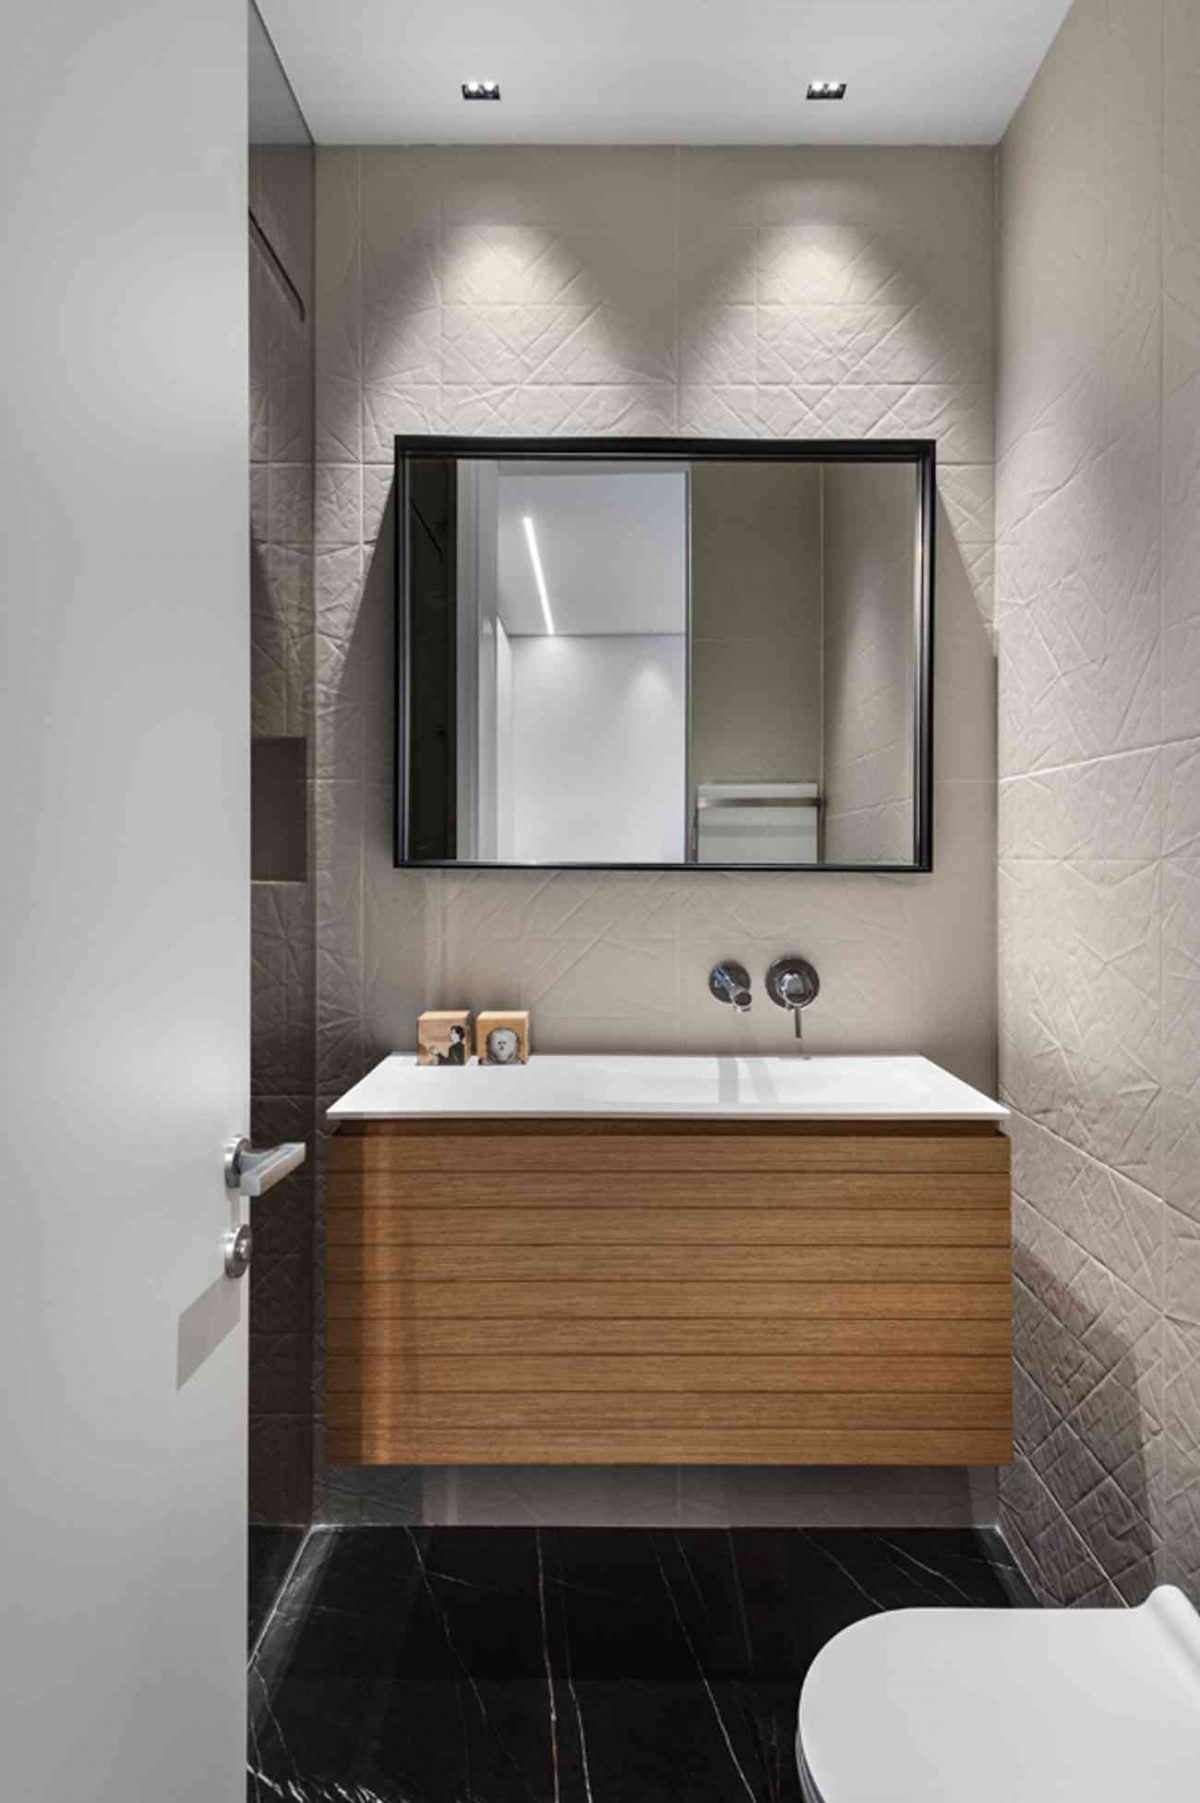 Vista – Netanya תאורה מעל כיור חדר האמבטיה נעשה על ידי קמחי תאורה